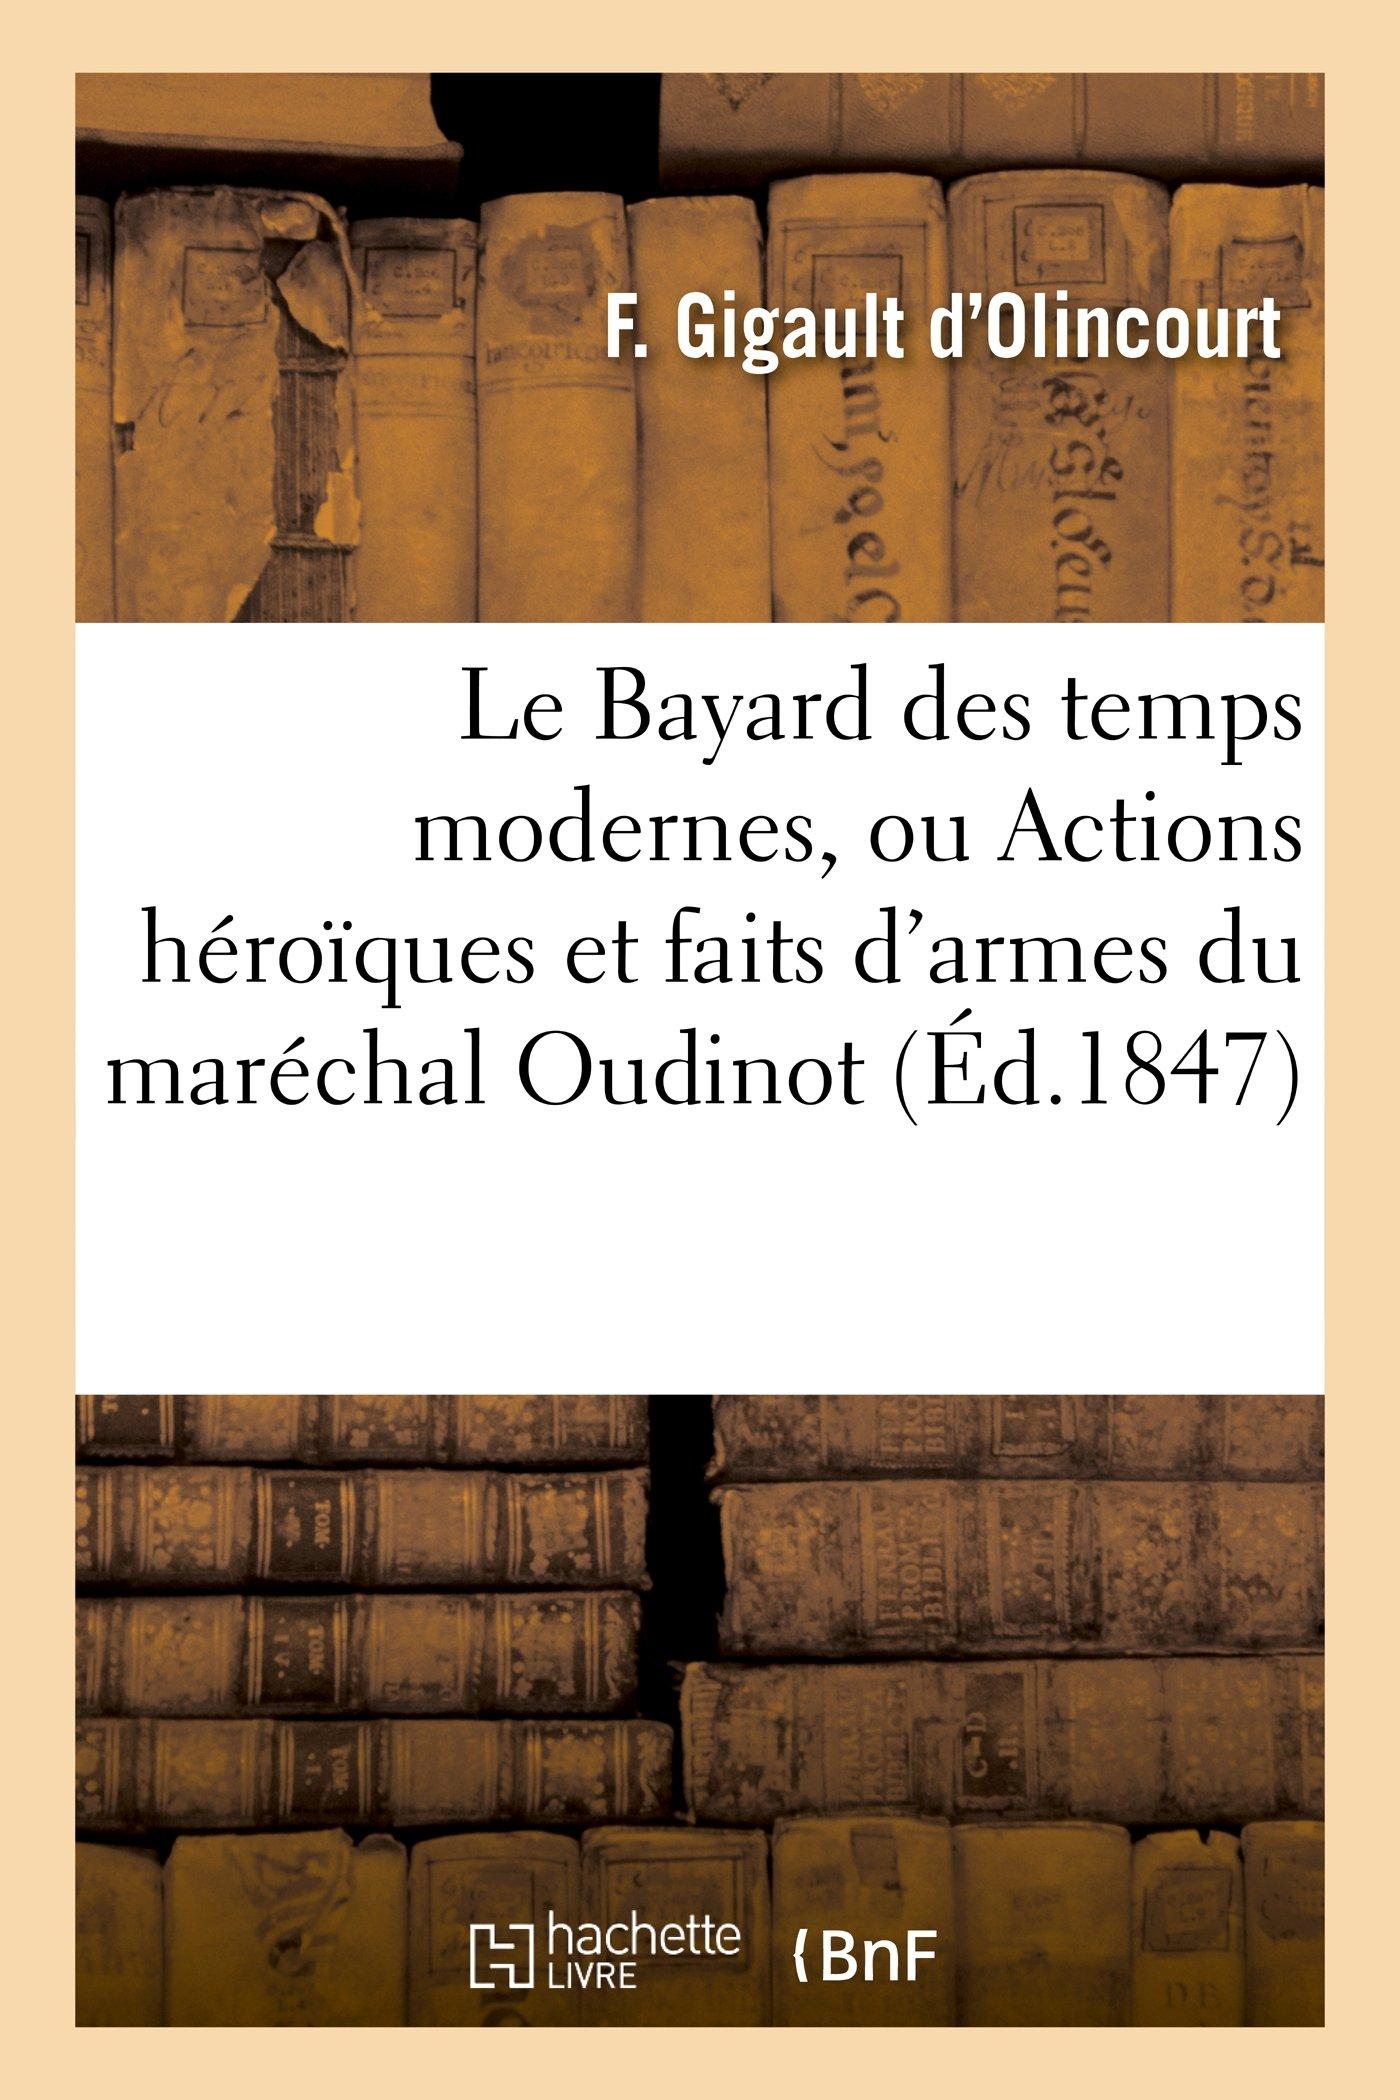 Download Le Bayard des temps modernes, ou Actions héroïques et faits d'armes du maréchal Oudinot (Litterature) (French Edition) PDF